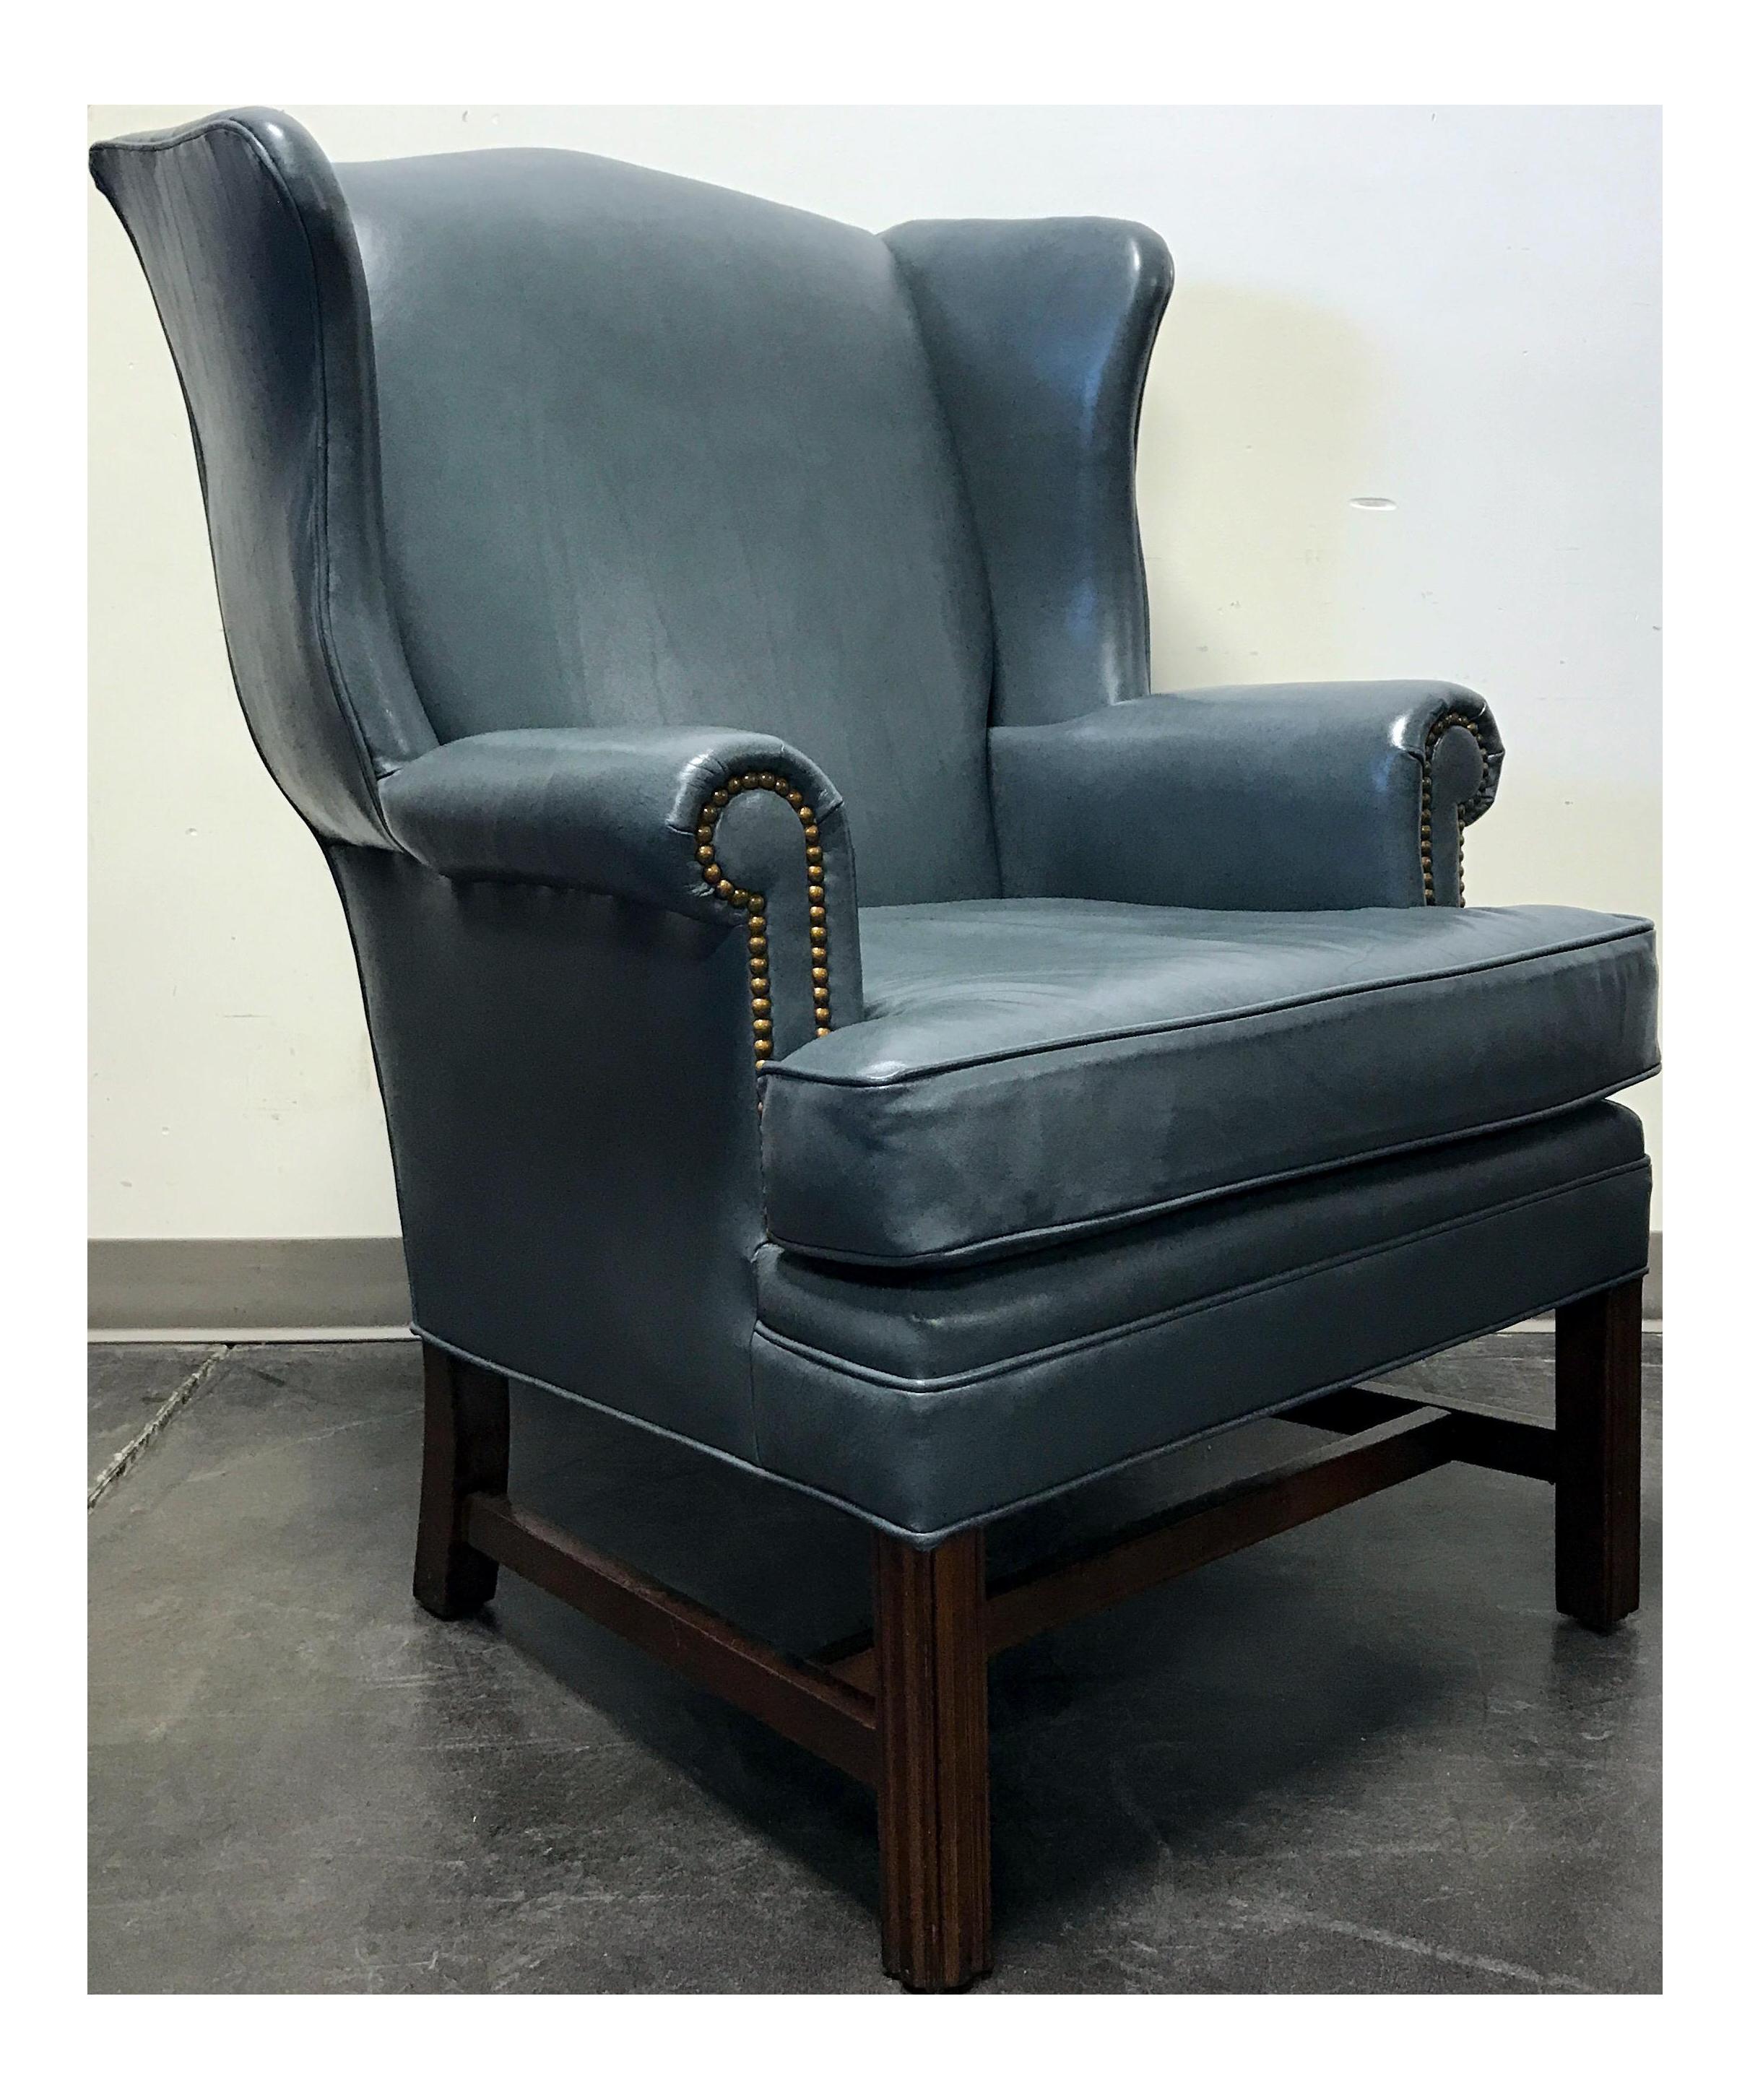 Leathercraft Slate Blue Leather Wing Back Chair  sc 1 st  Chairish & Leathercraft Slate Blue Leather Wing Back Chair | Chairish